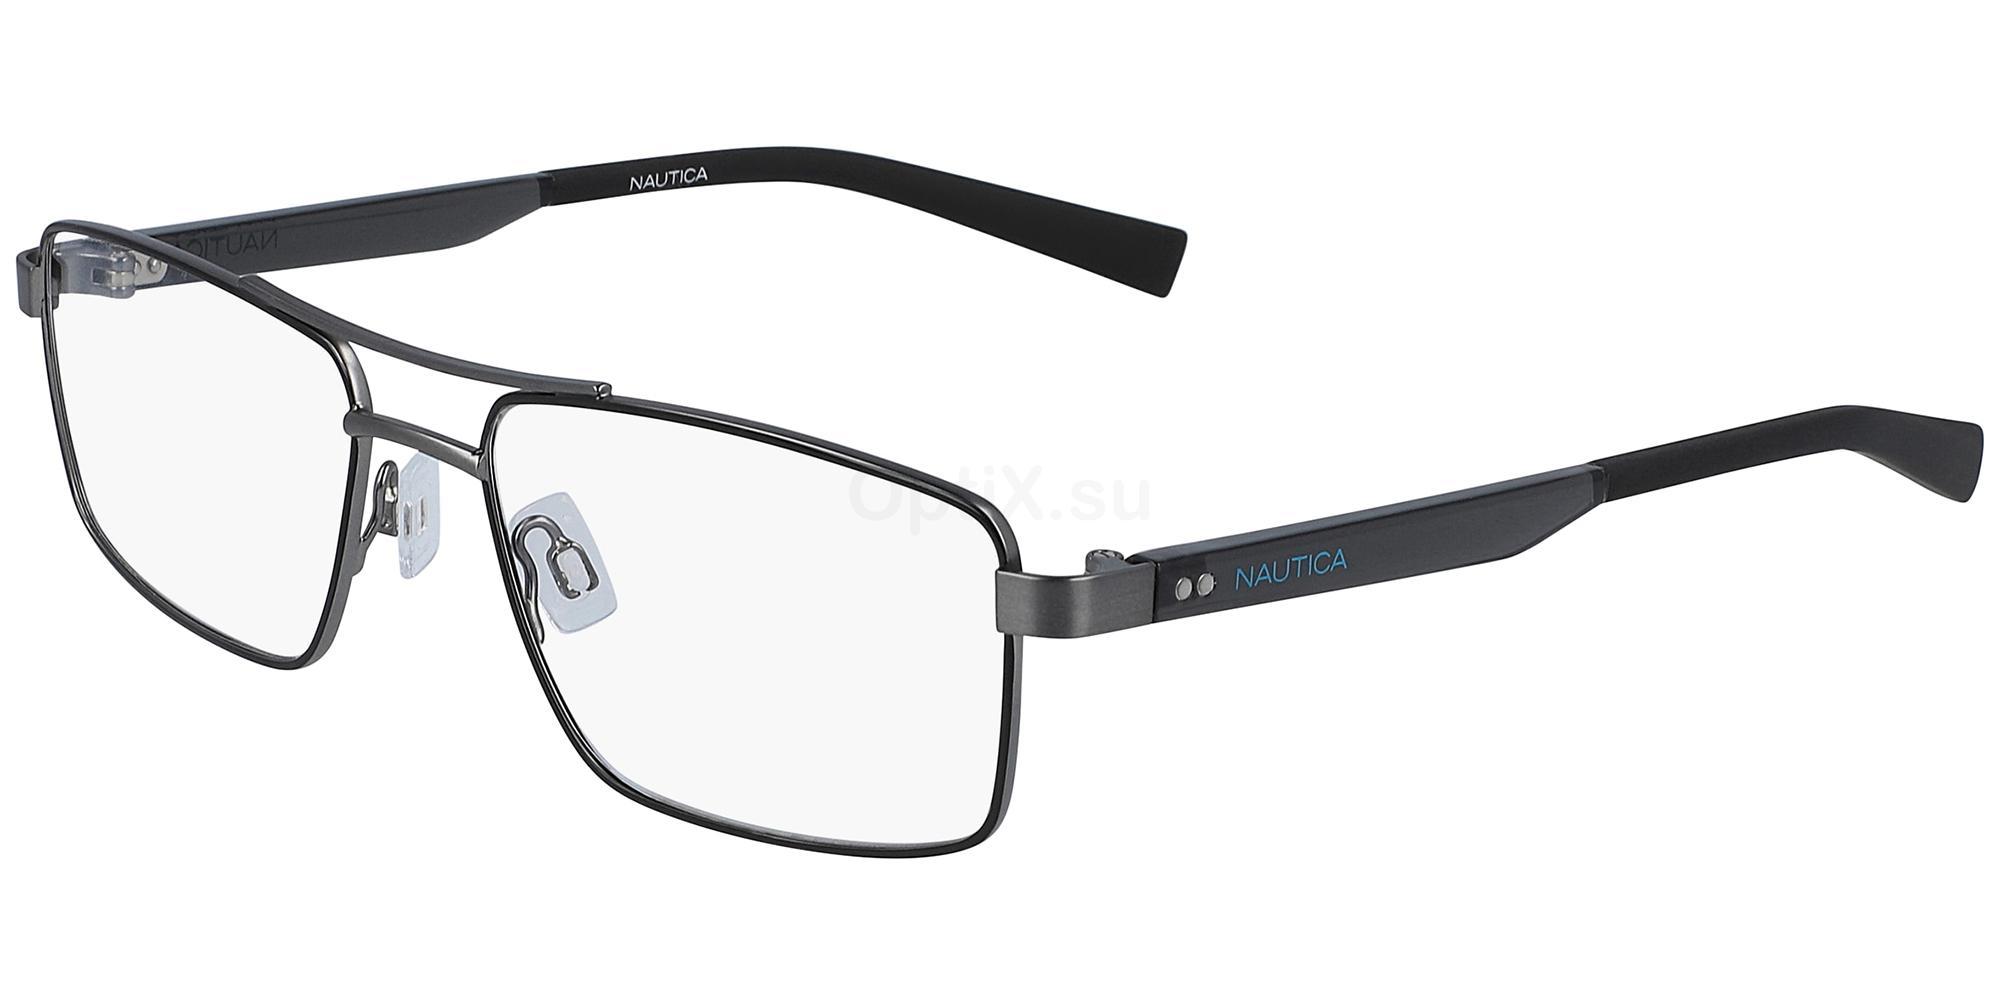 001 N7297 Glasses, Nautica